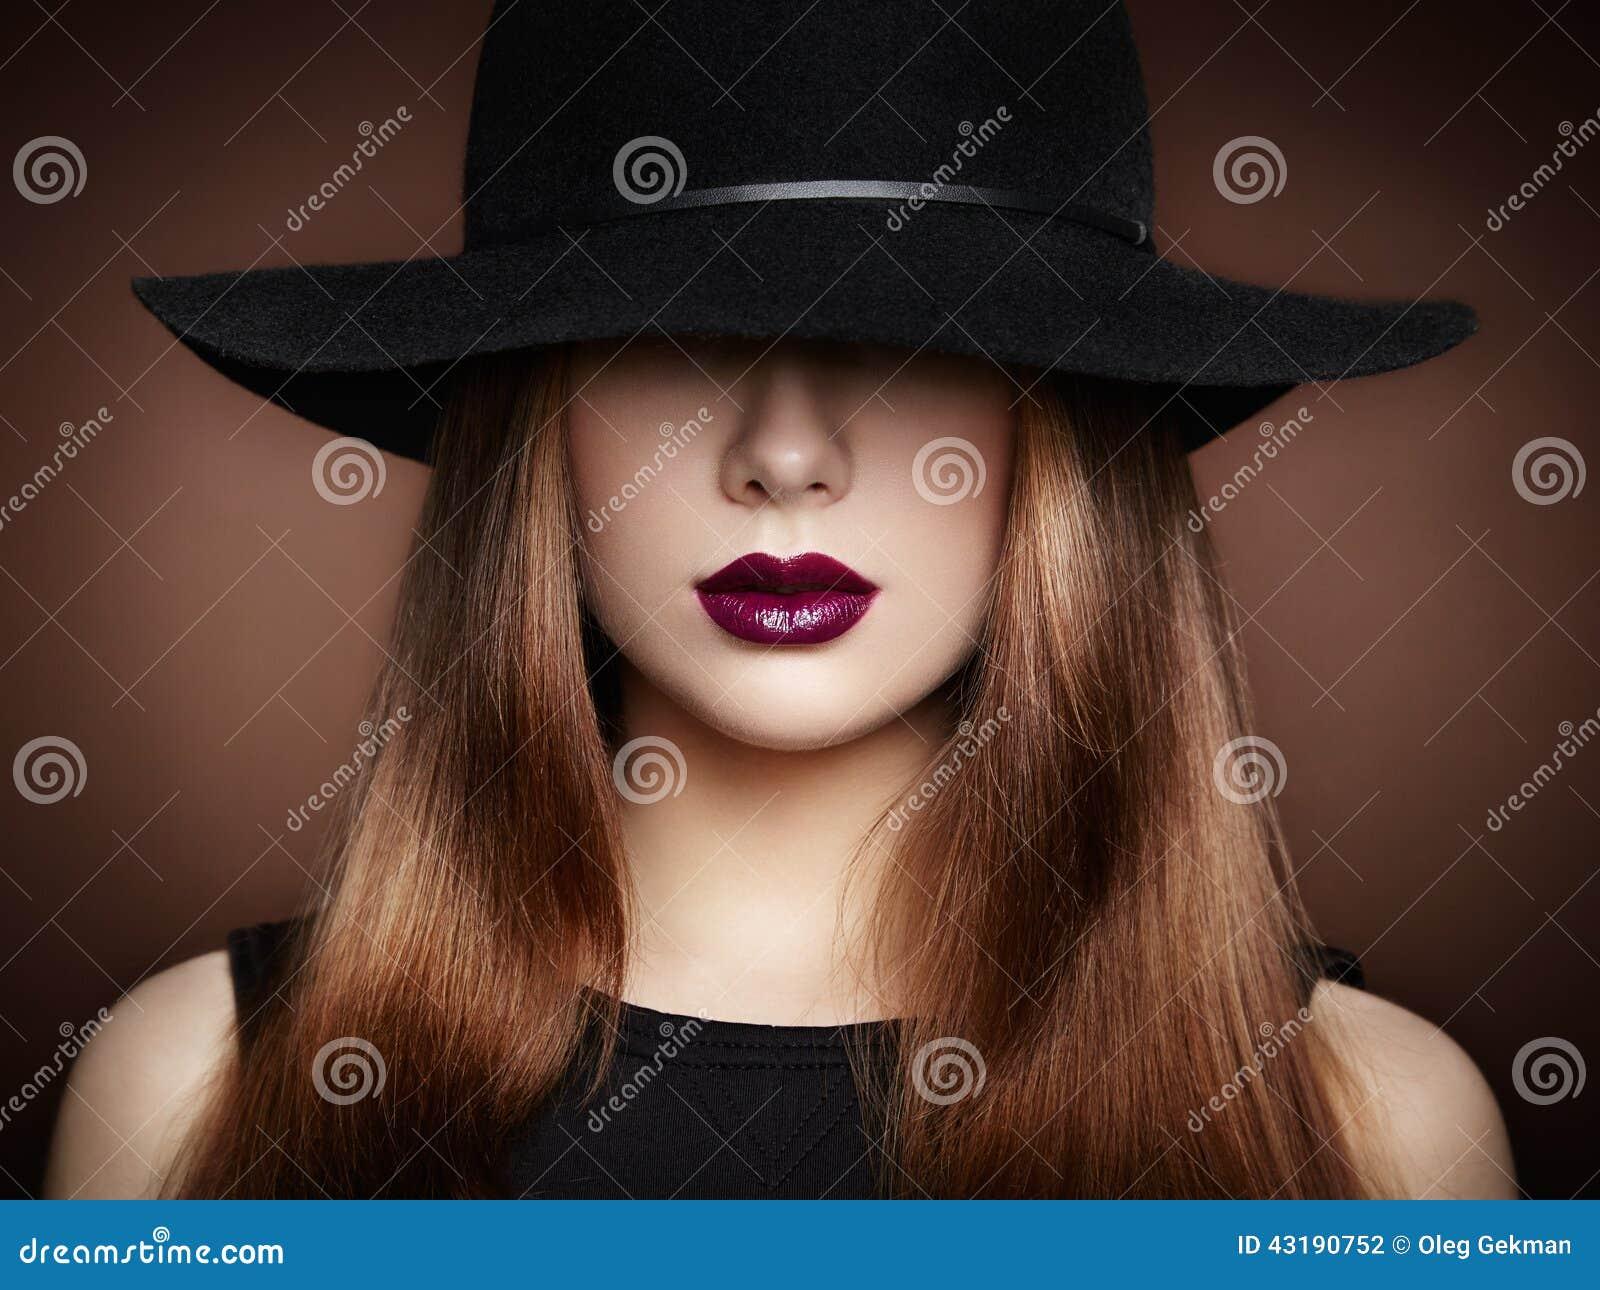 Φωτογραφία μόδας της νέας θαυμάσιας γυναίκας στο καπέλο κορίτσι ανασκόπησης που θέτει το ύδωρ